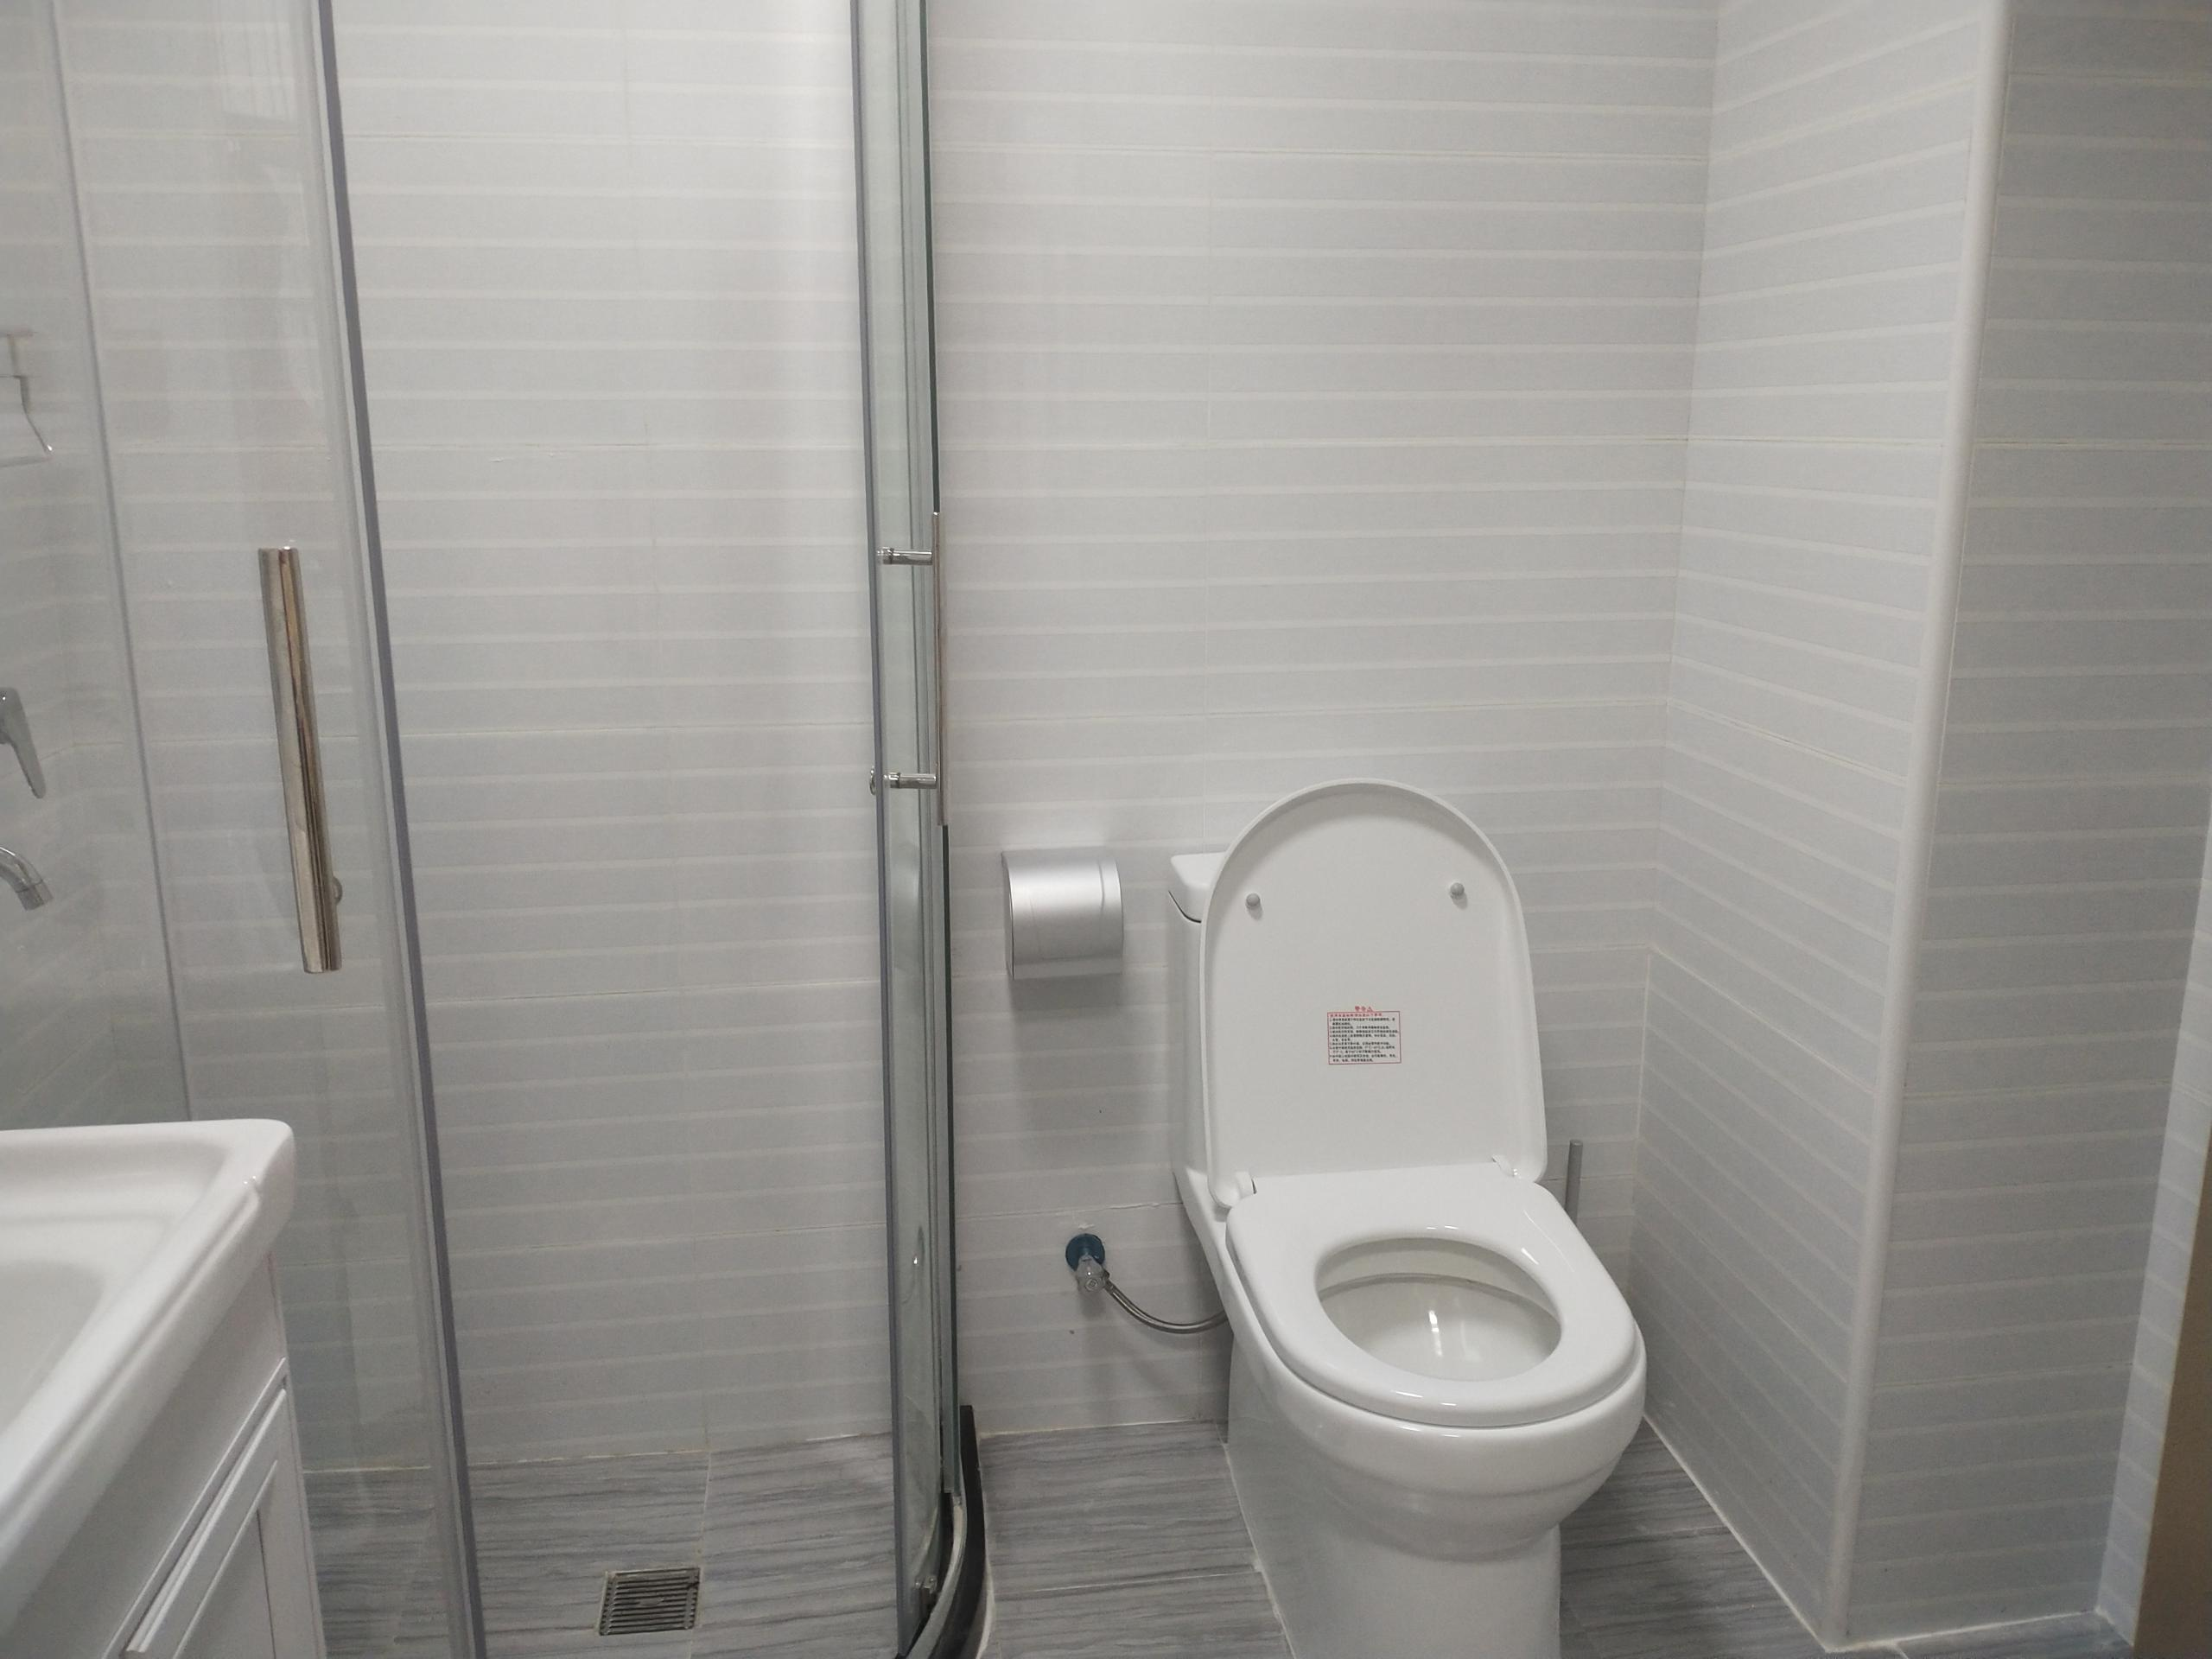 晓港湾3室1厅1卫西南朝向仅225万元